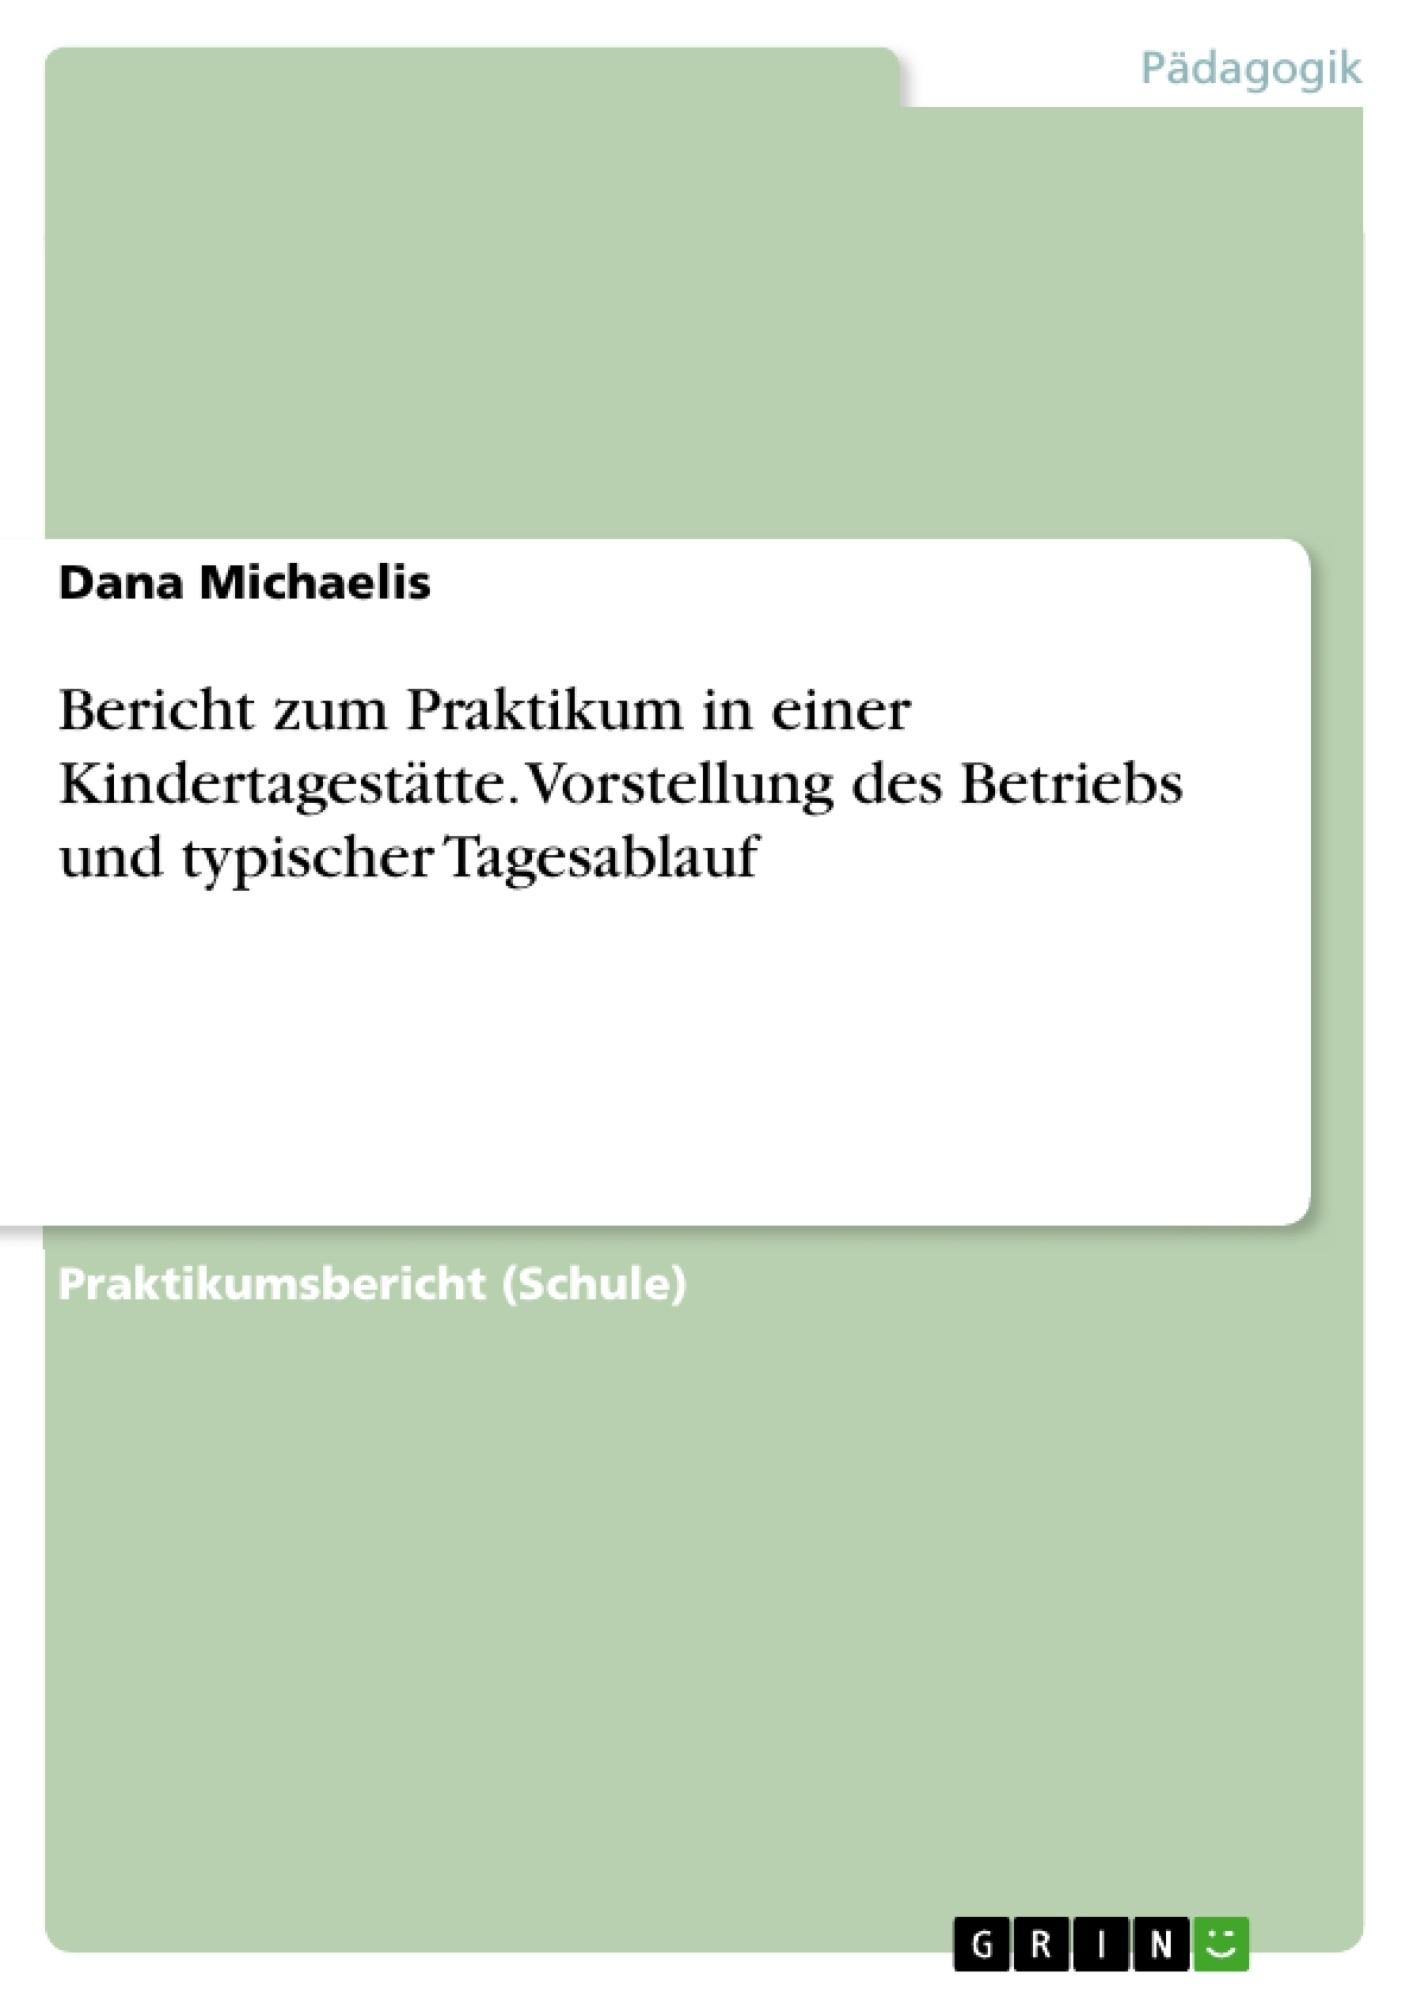 Titel: Bericht zum Praktikum in einer Kindertagestätte. Vorstellung des Betriebs und typischer Tagesablauf